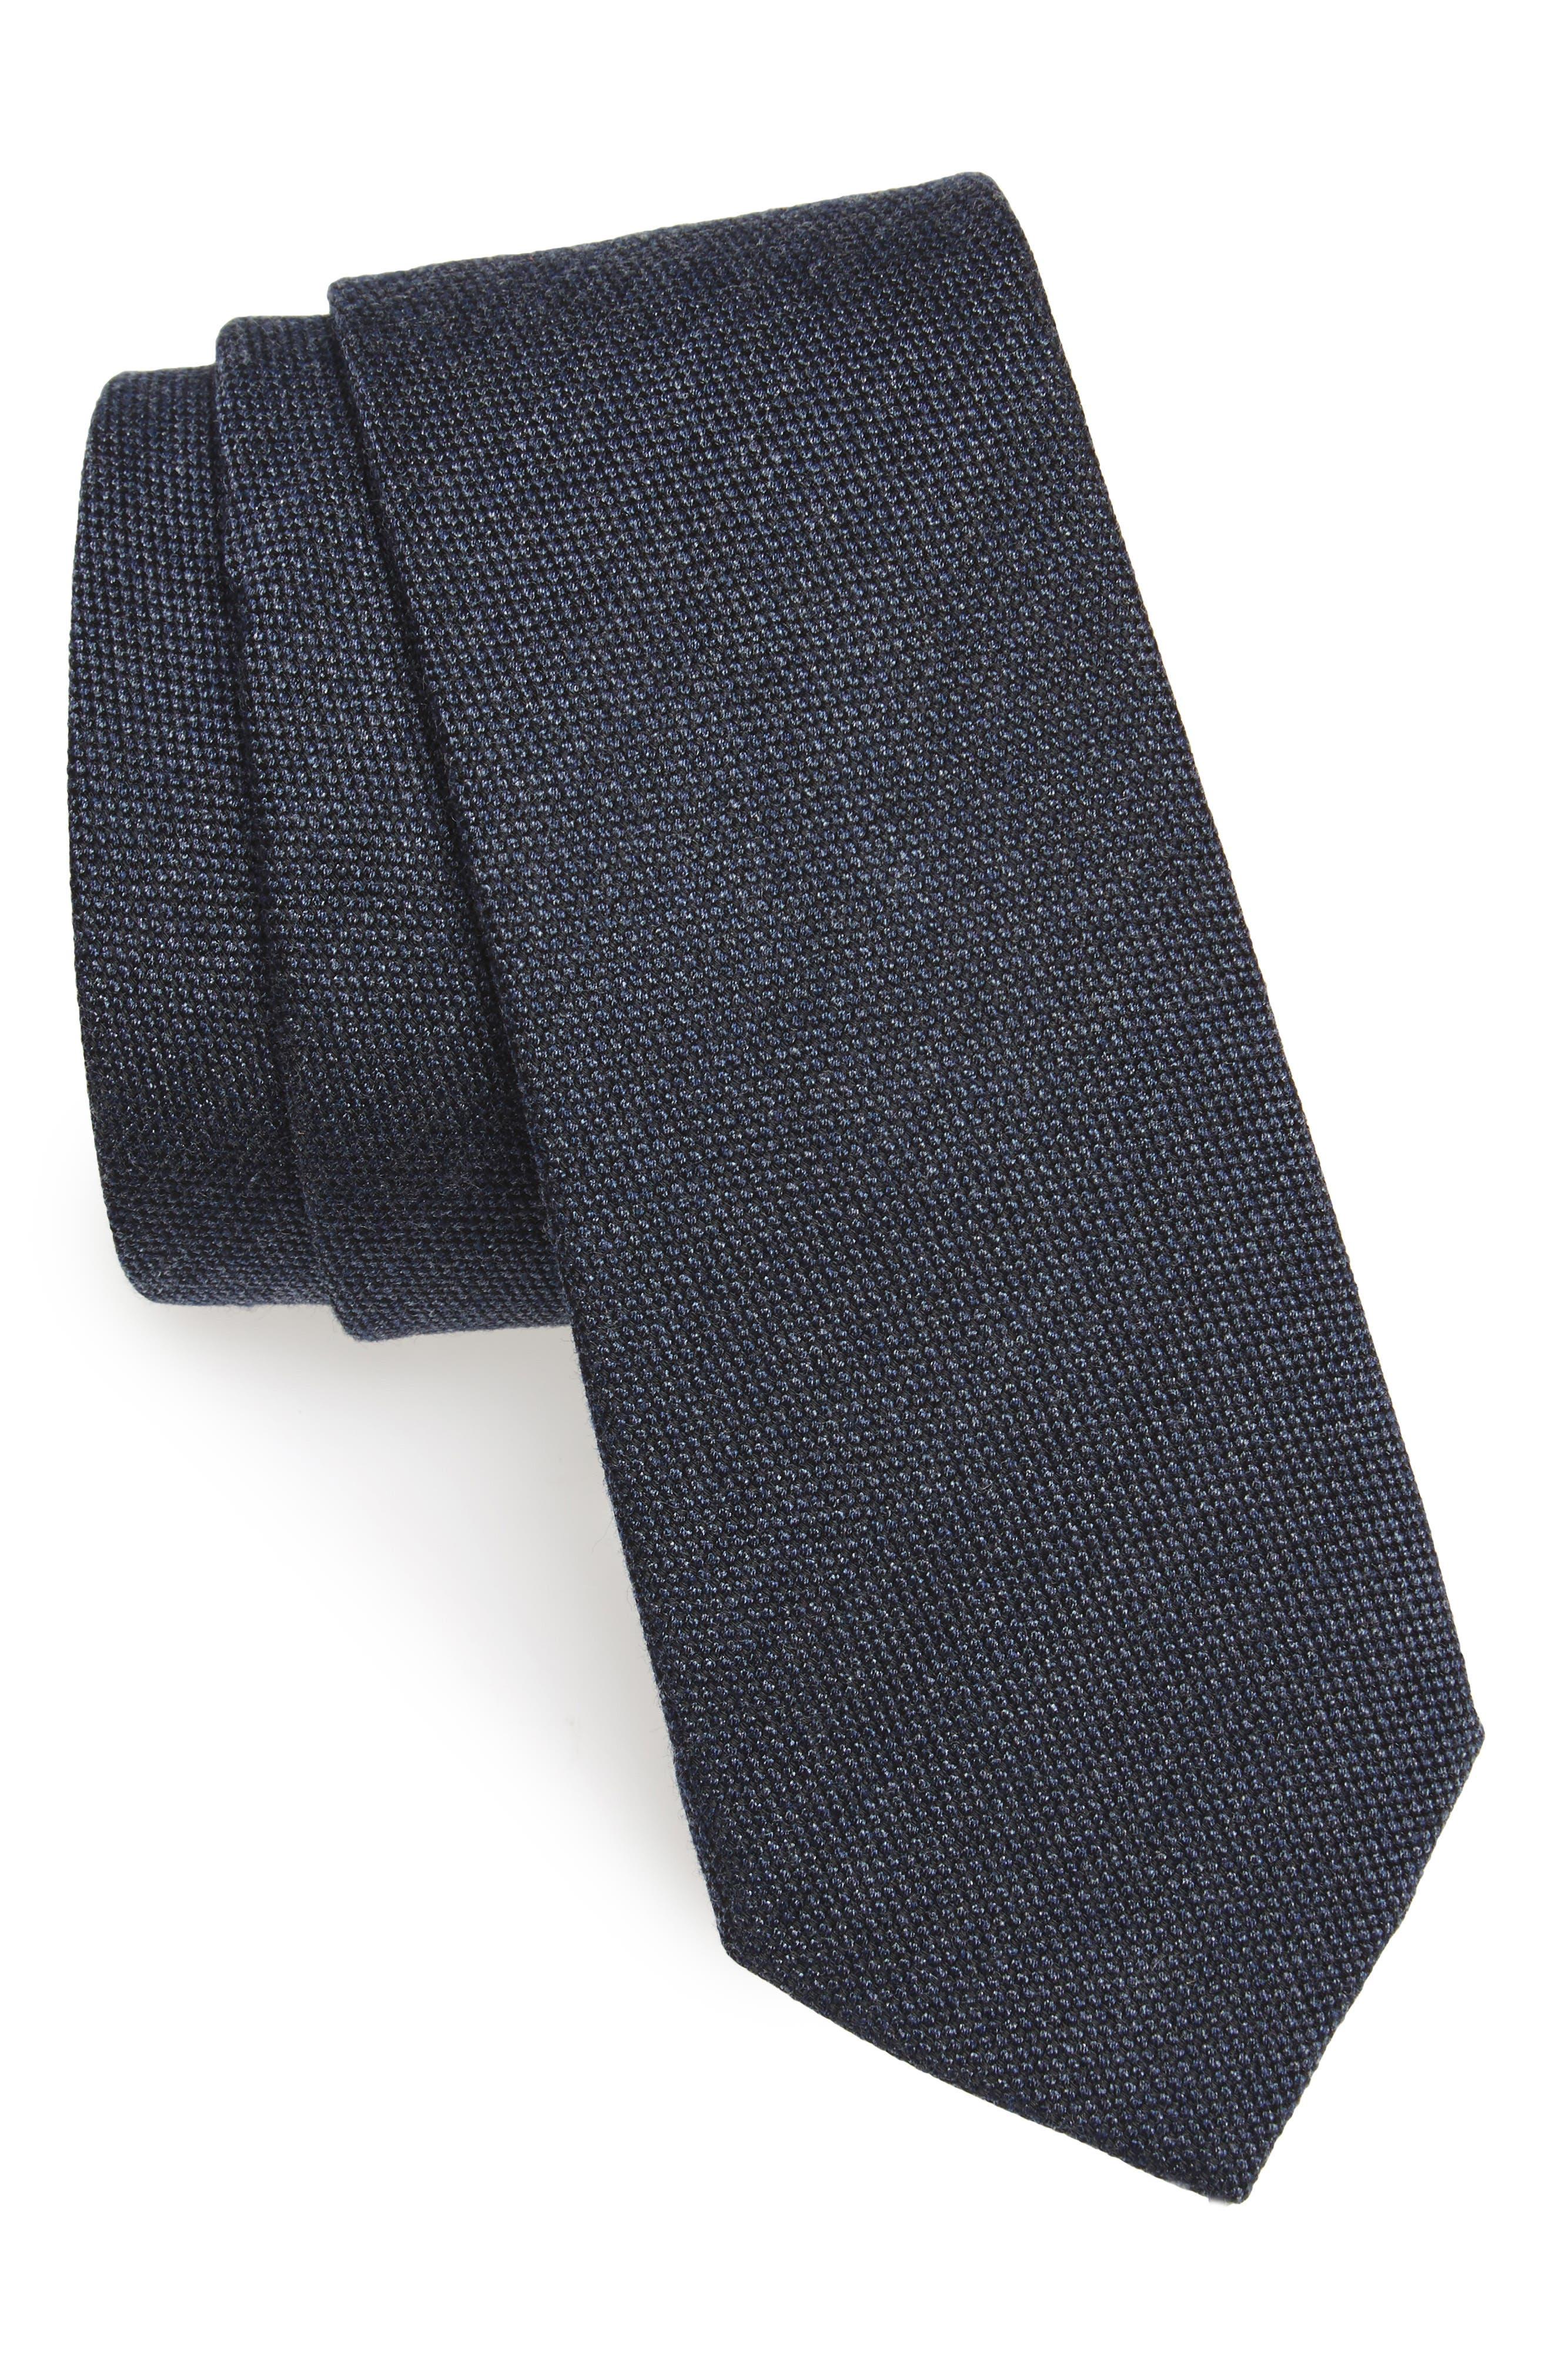 Nordstrom Men's Shop Solid Skinny Tie